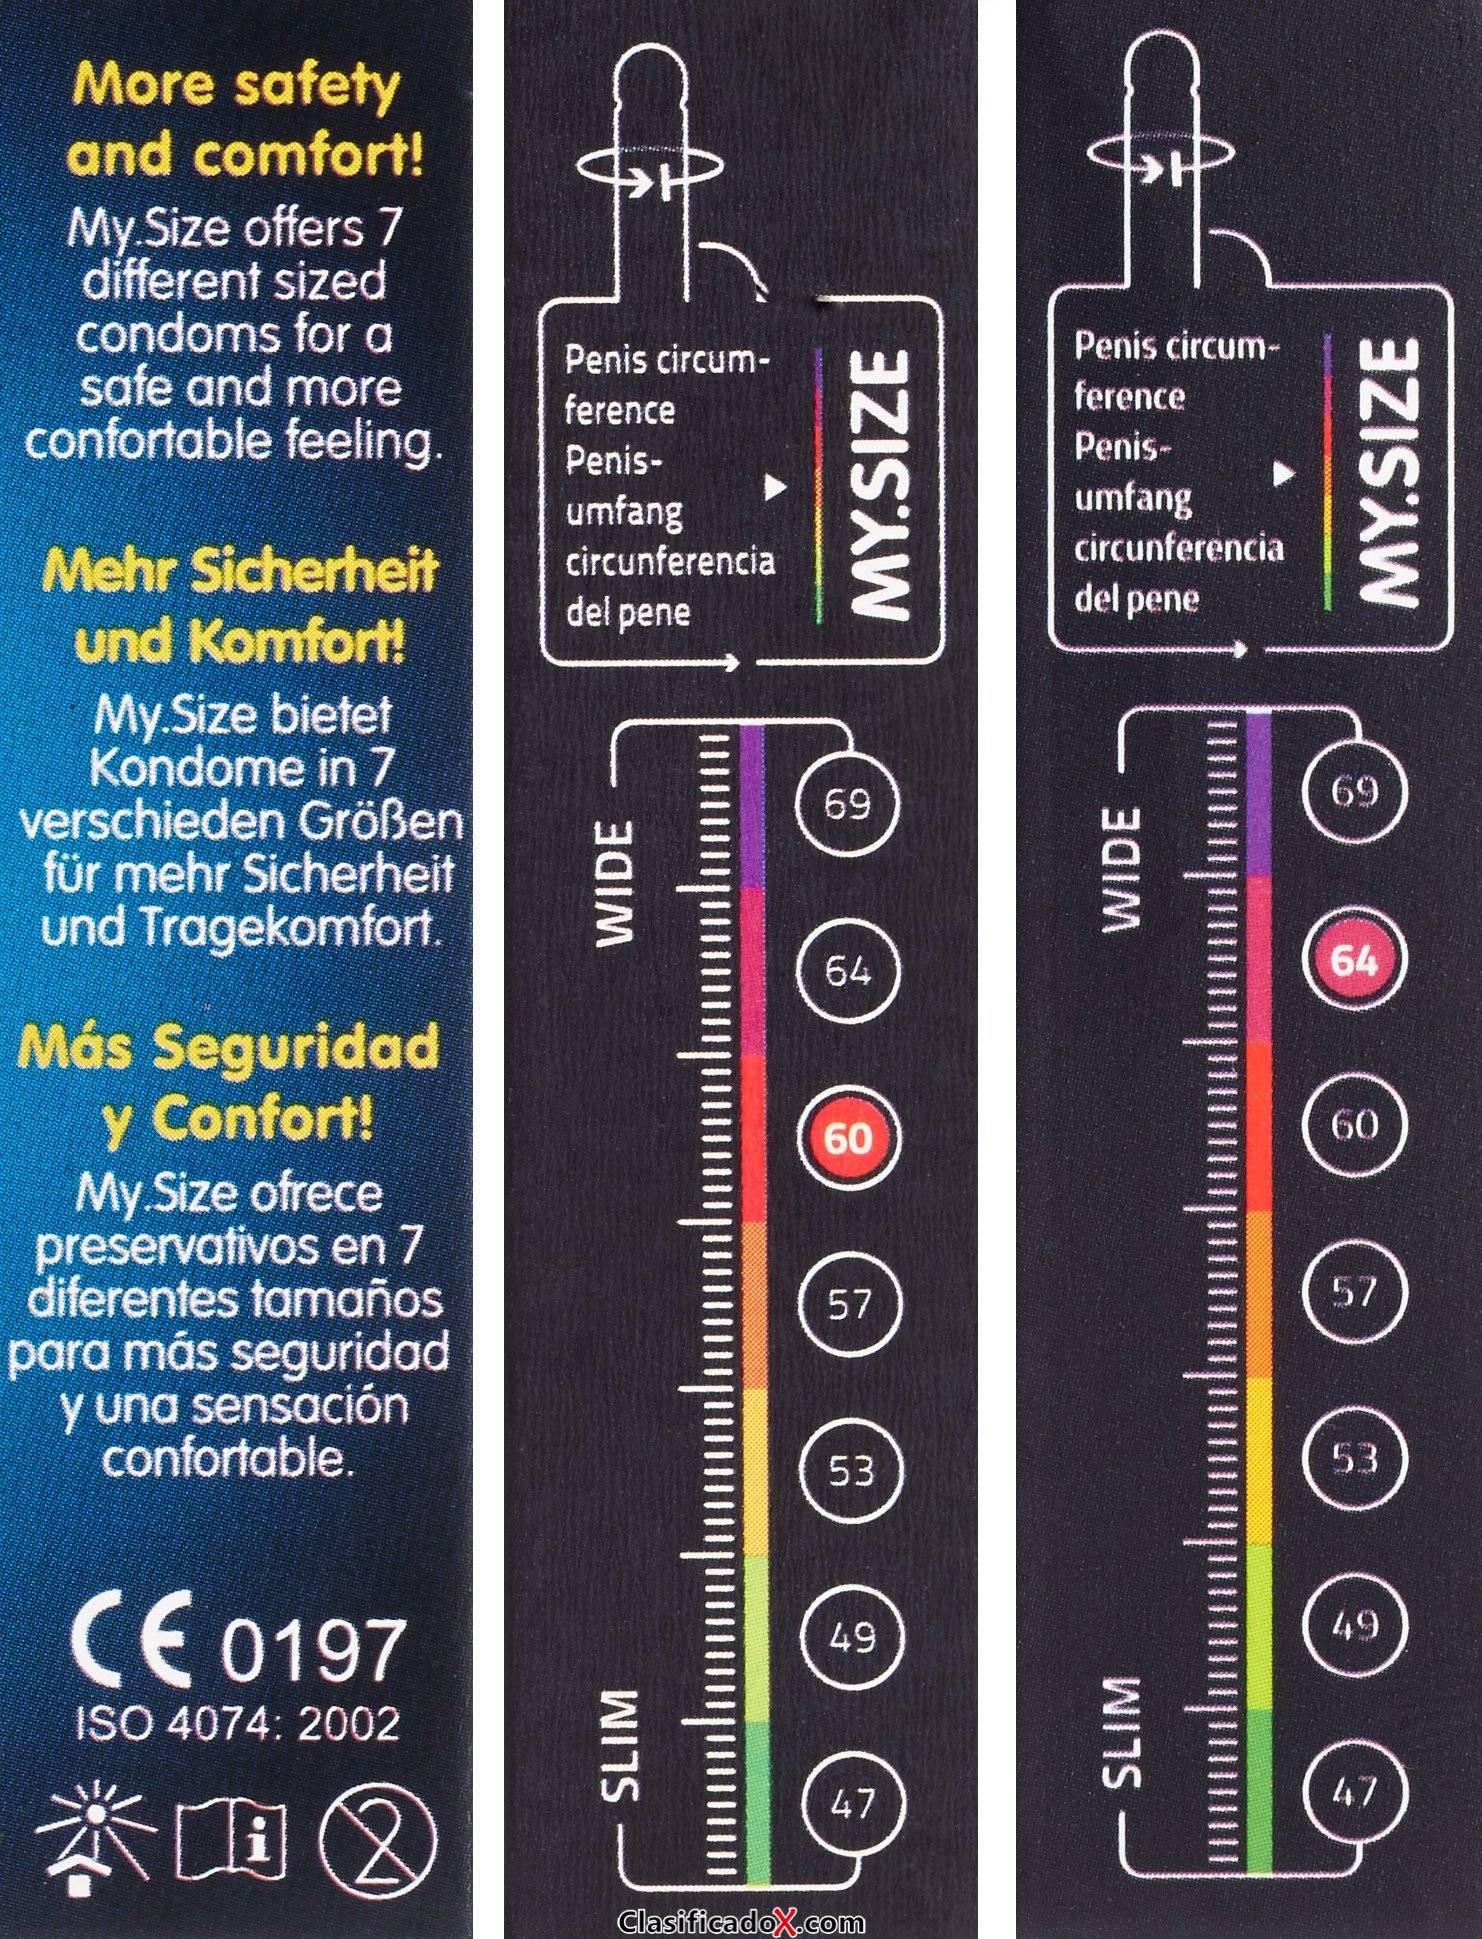 My.Size - Set de preservativos (3 unidades, tallas disponibles: 60, 64 y 69 mm). Envíos a Jaén